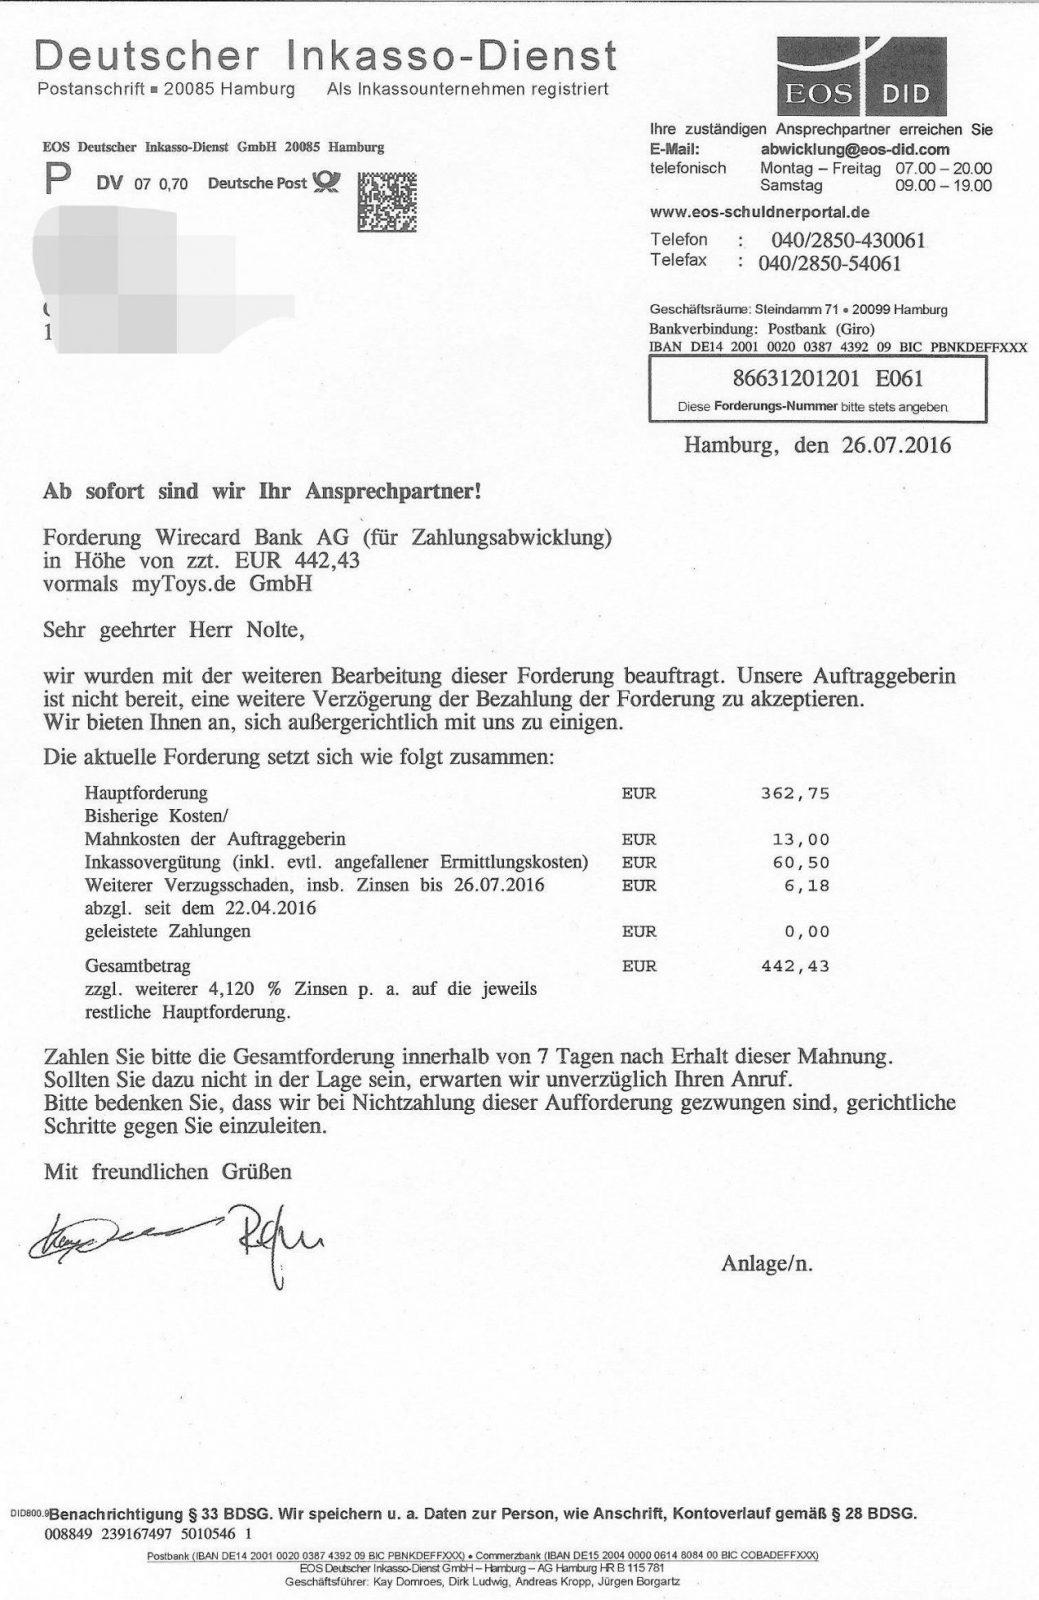 37 Berliner Politiker Wurden Im Internet Abgezockt – Bz Berlin von Deutscher Inkasso Dienst Otto Bild